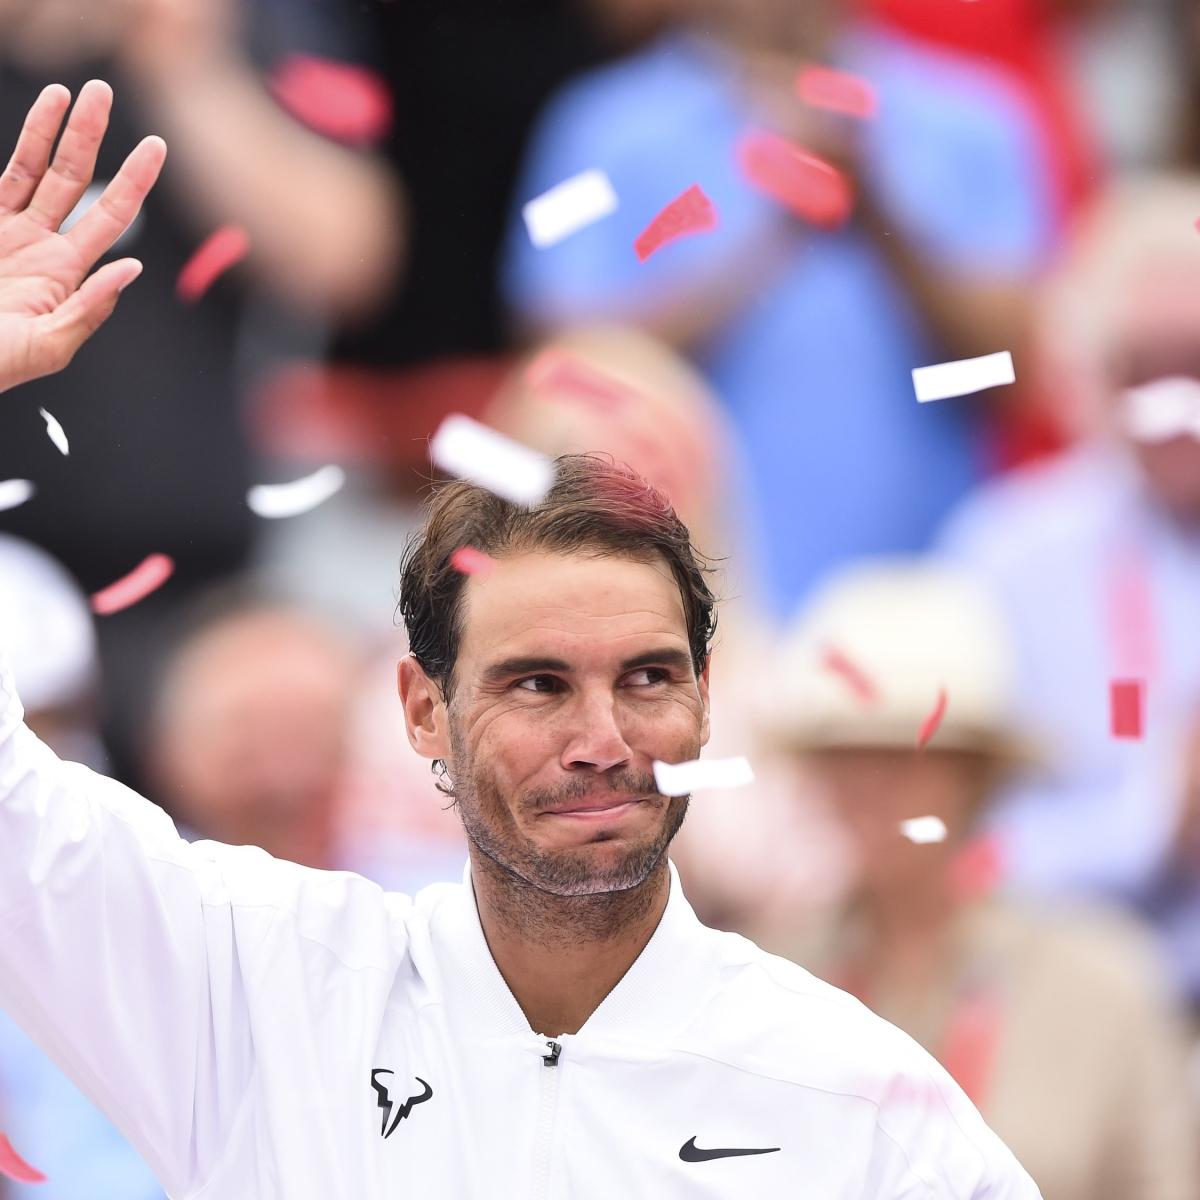 Montreal winner Rafael Nadal withdraws from Cincinnati